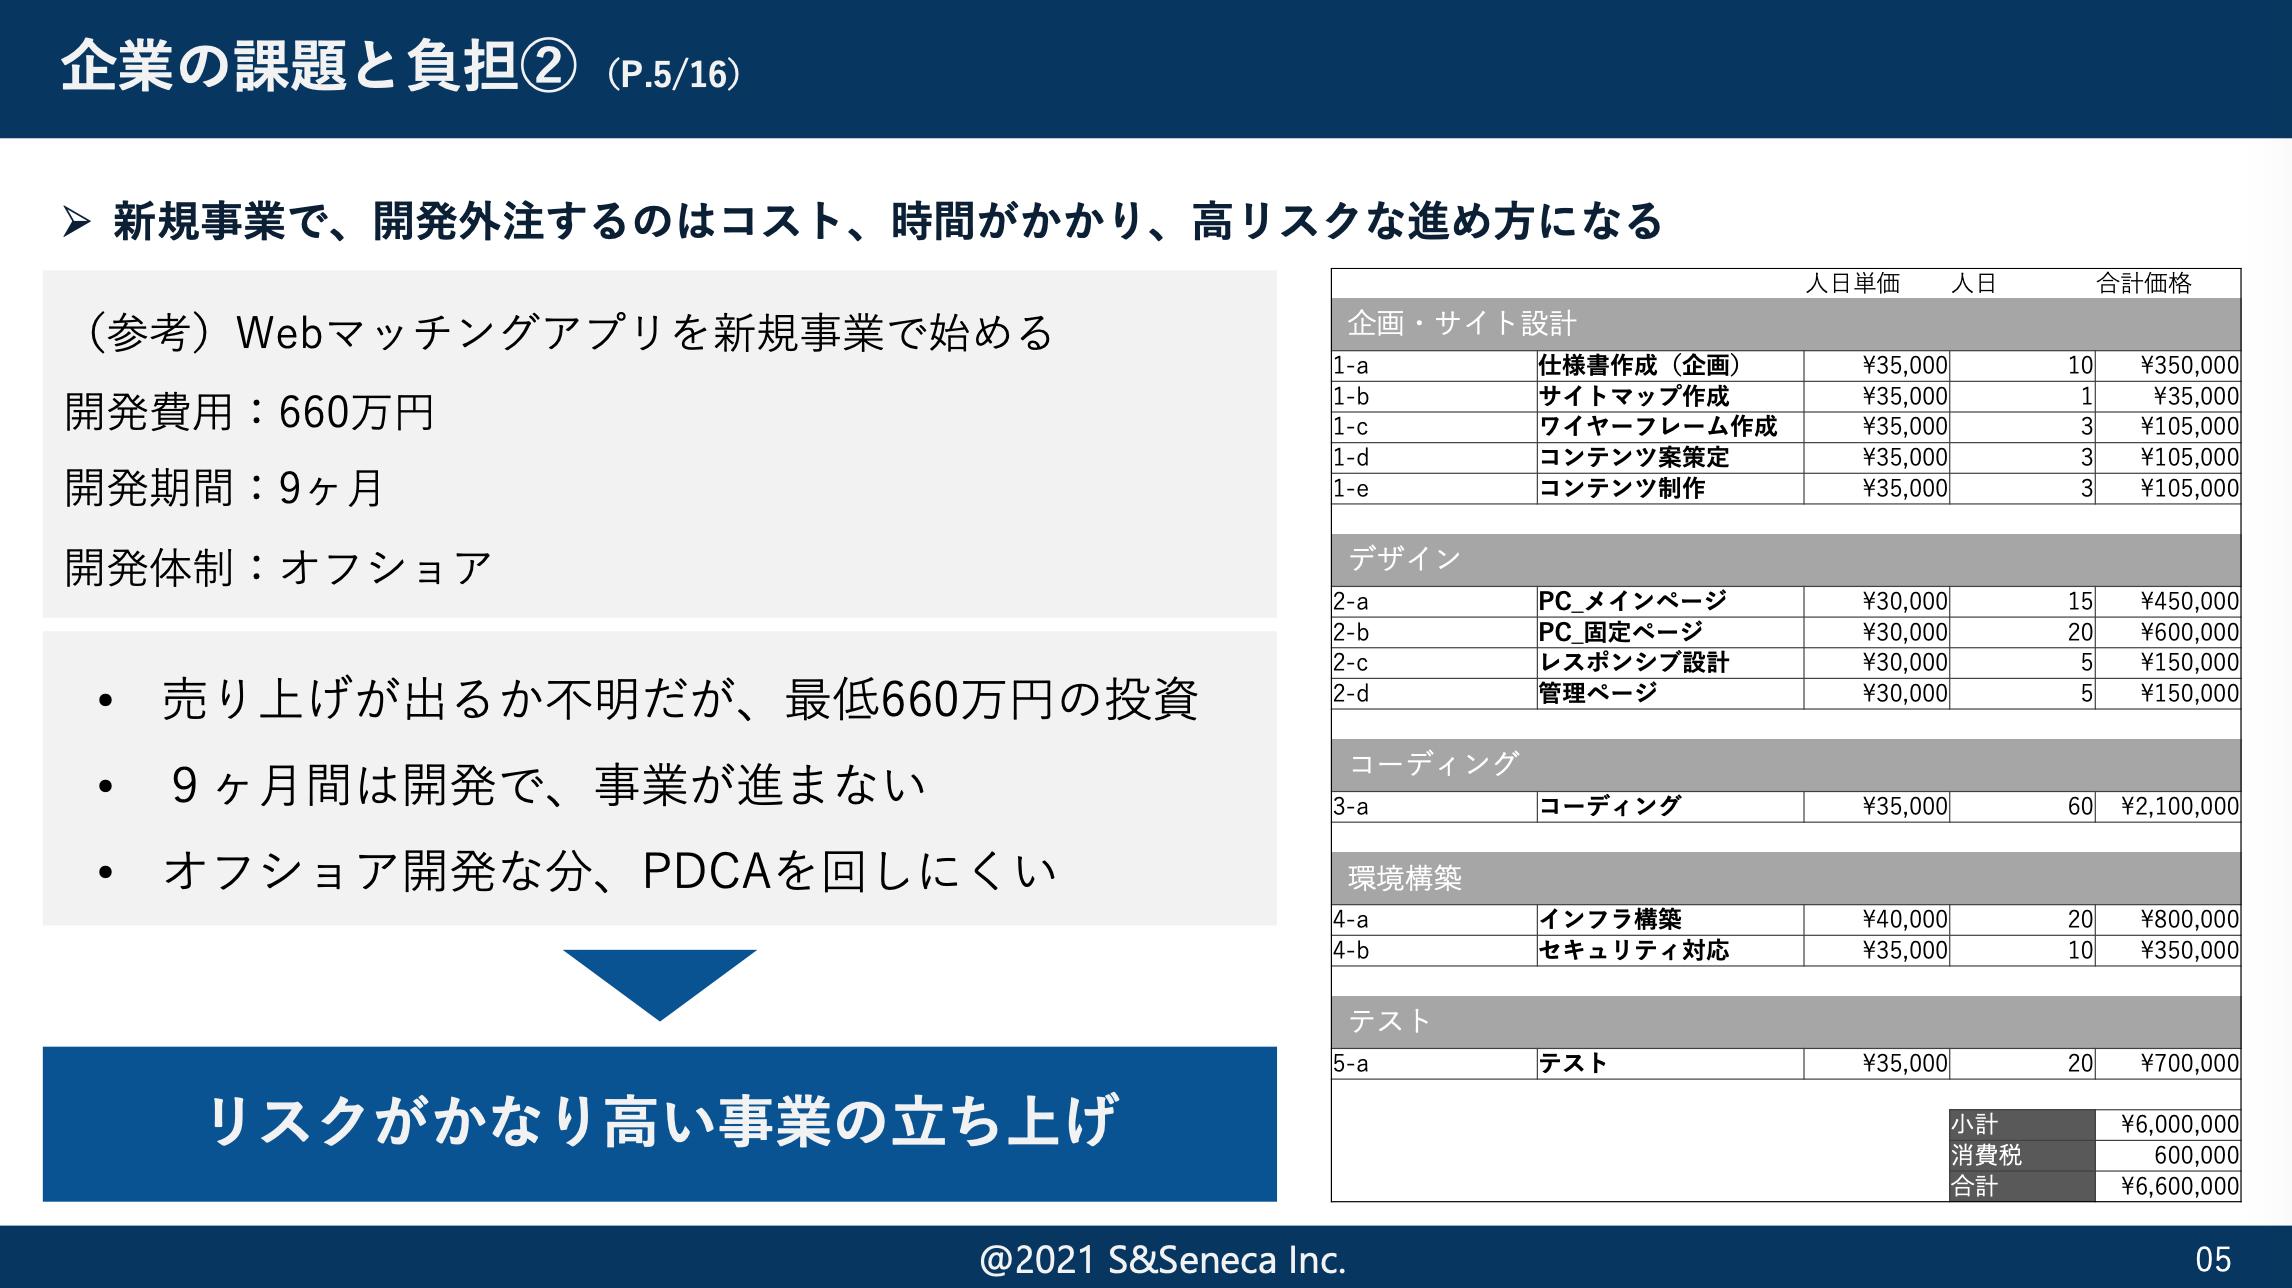 ノーコード研修ウェビナー資料